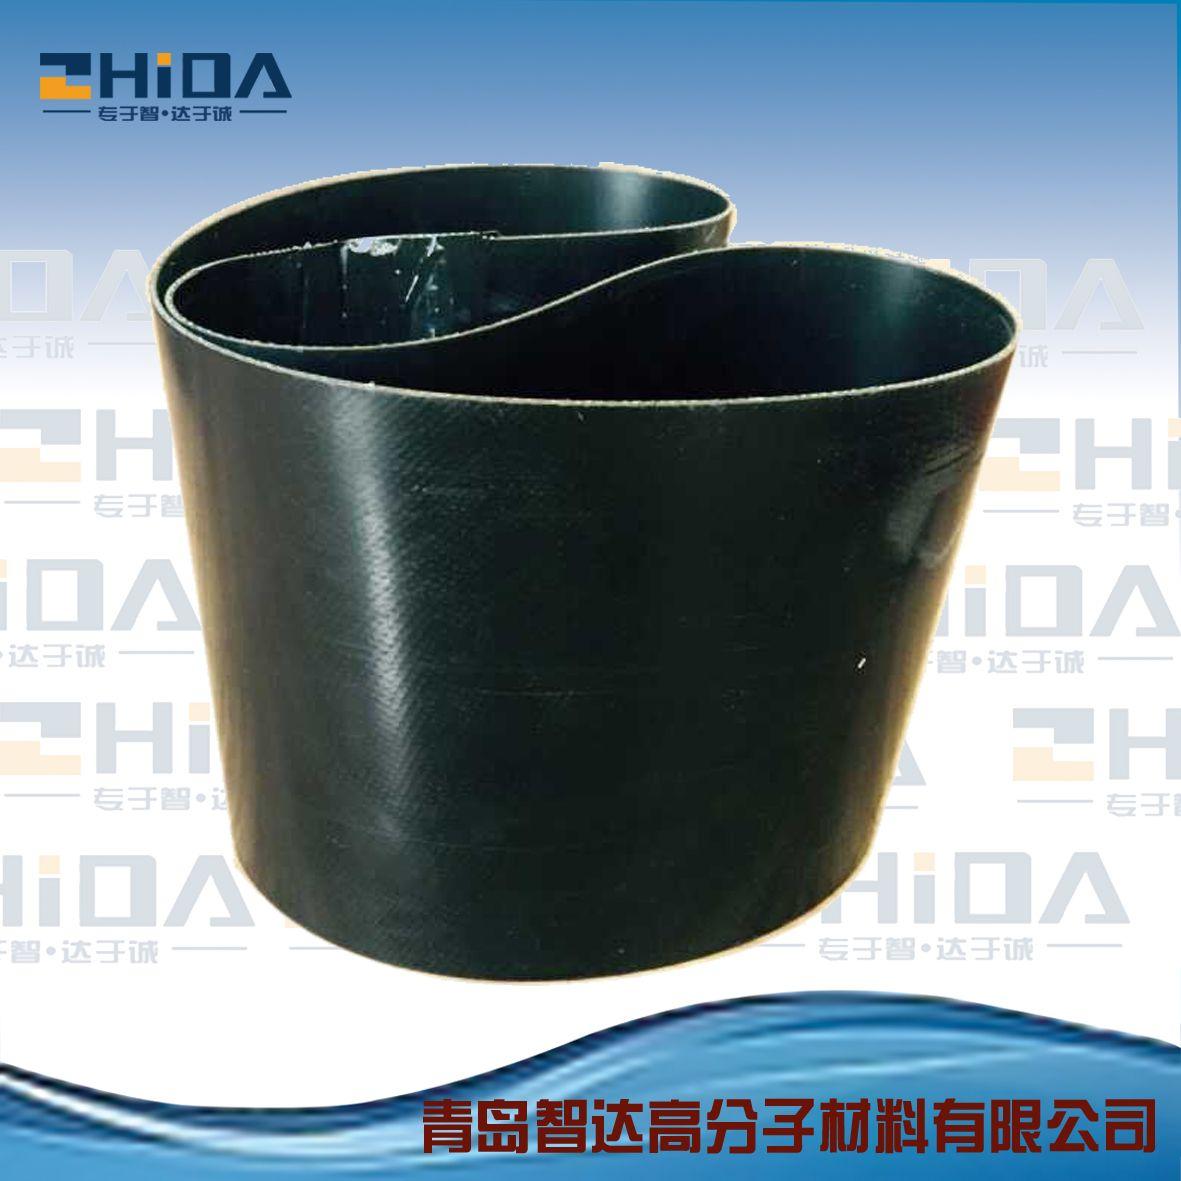 聚乙烯热收缩带 管道防腐保温专用热收缩带 热收缩套